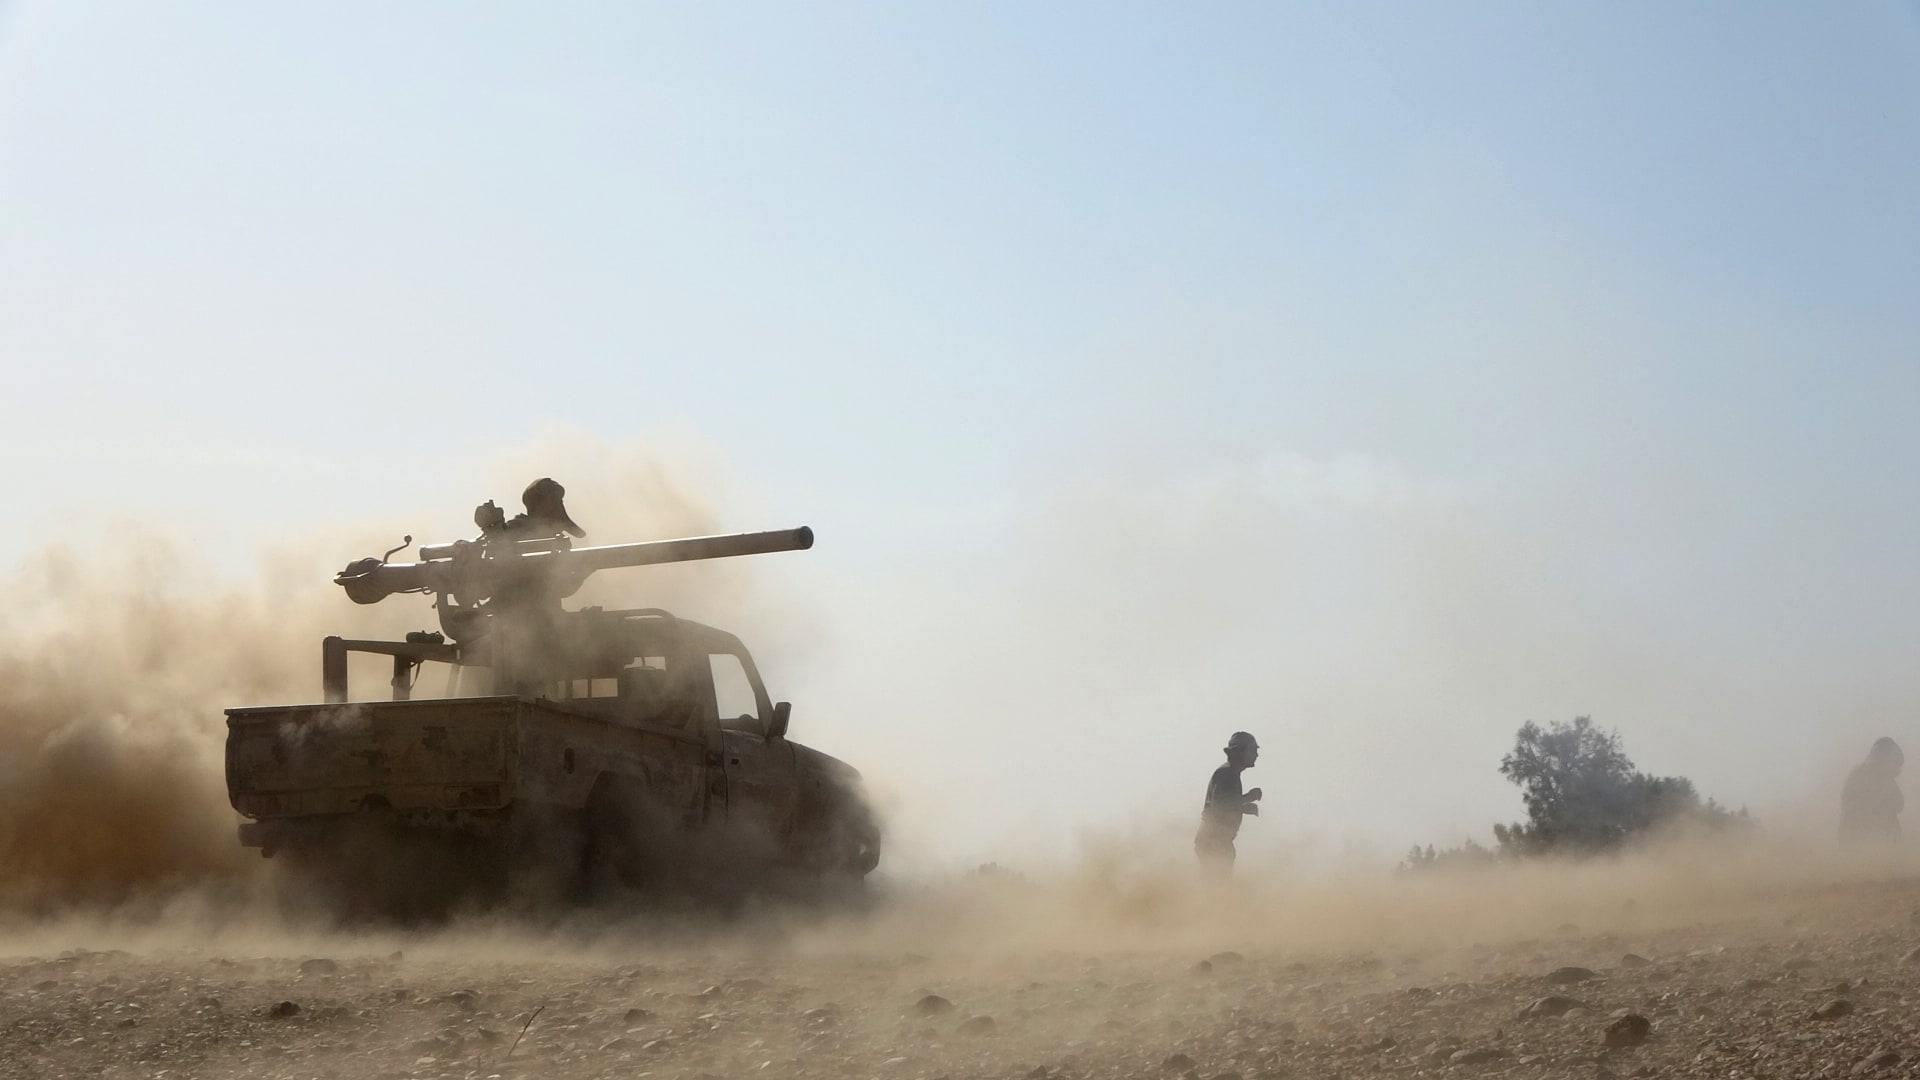 الحوثيون يرفضون مقترح أمريكي لوقف إطلاق النار باليمن: لن يحصلوا على ما يريدون بالحوار